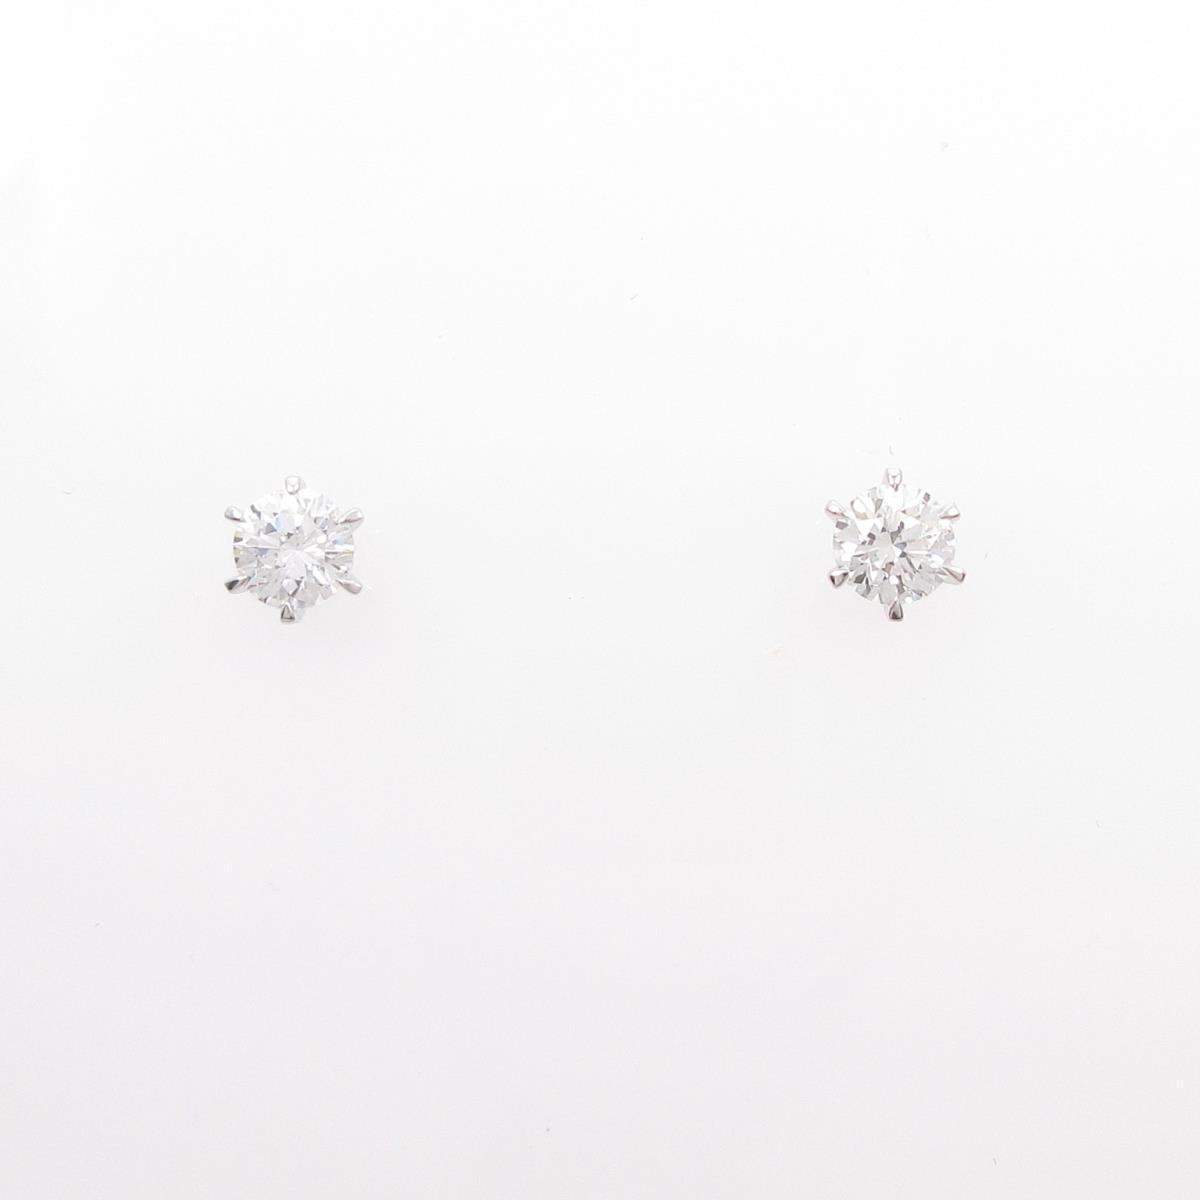 【リメイク】ST/プラチナダイヤモンドピアス 0.332ct・0.333ct・F・SI1・GOOD【中古】